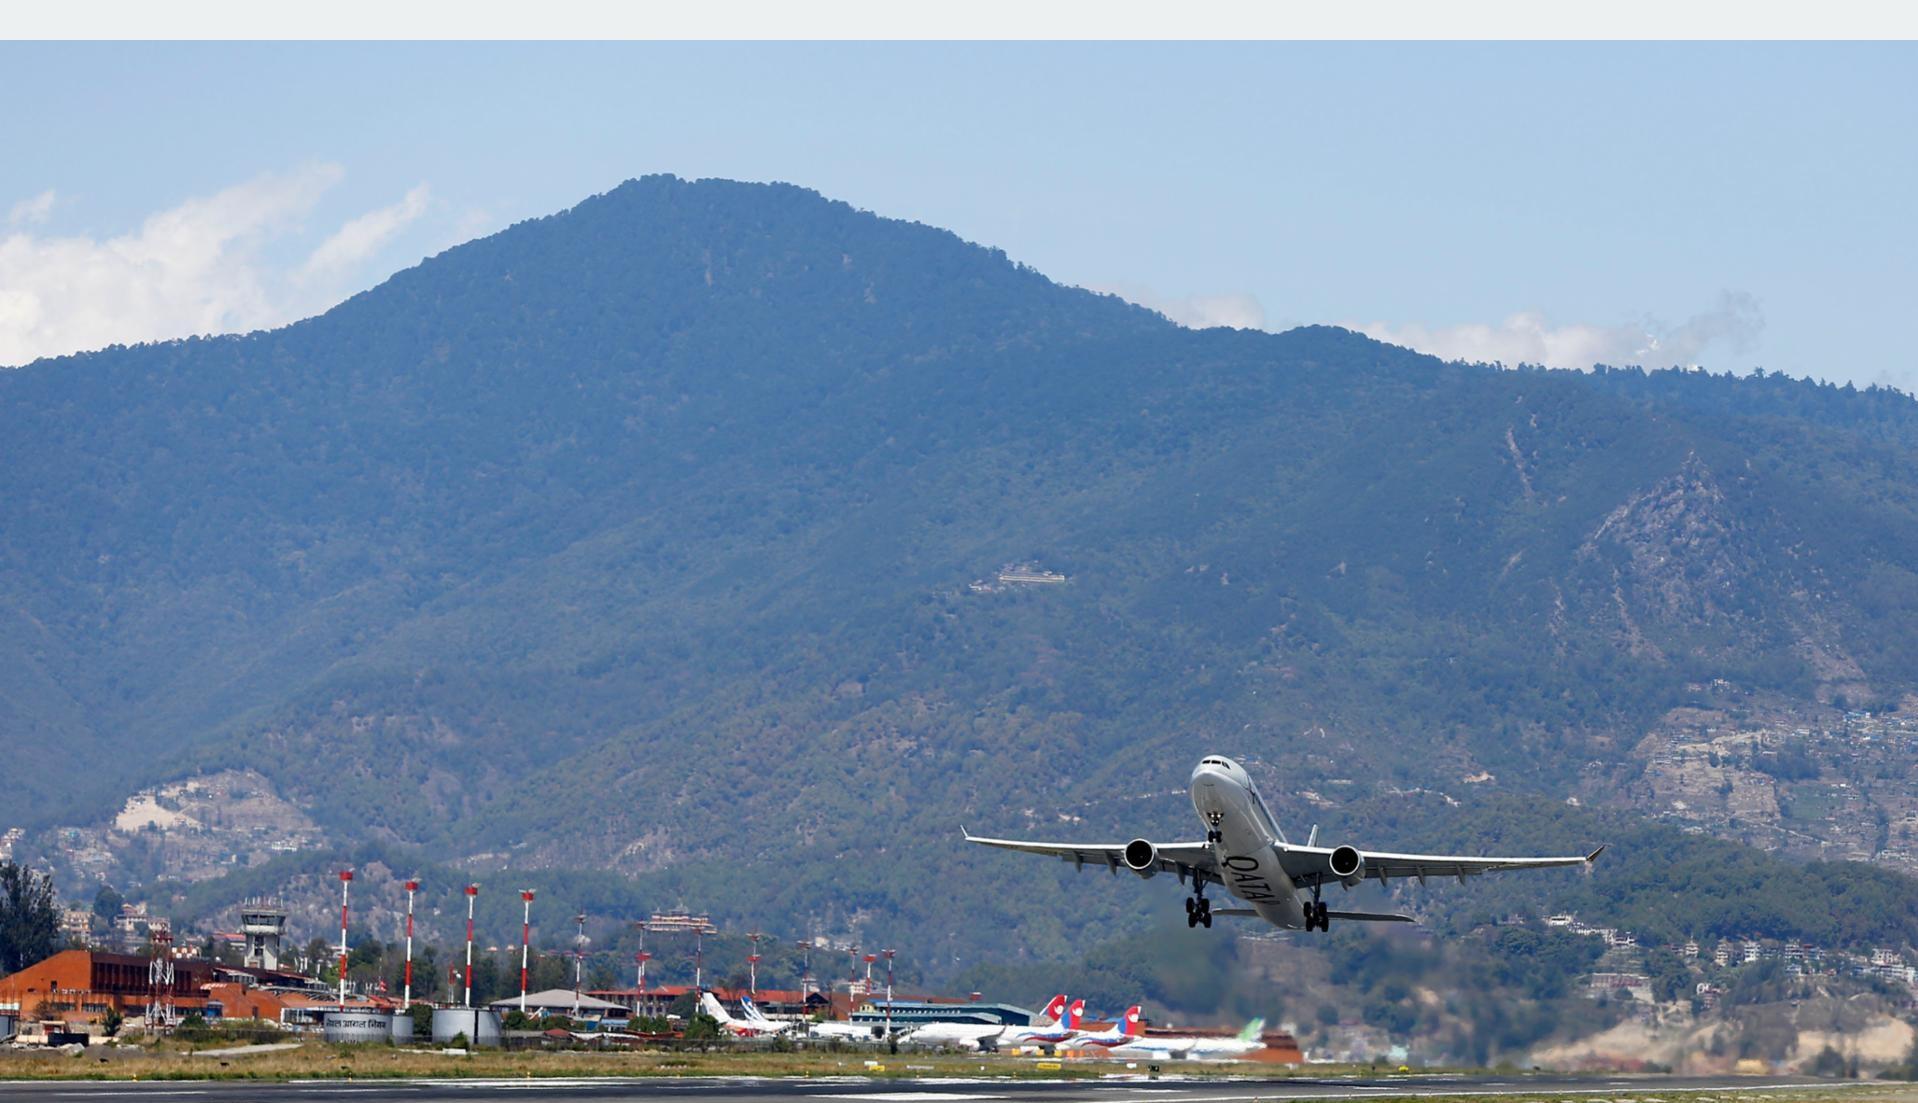 अन्तराष्ट्रिय उडानको तालिका सार्वजनिक, आन्तरिक उडान असार १७ बाट